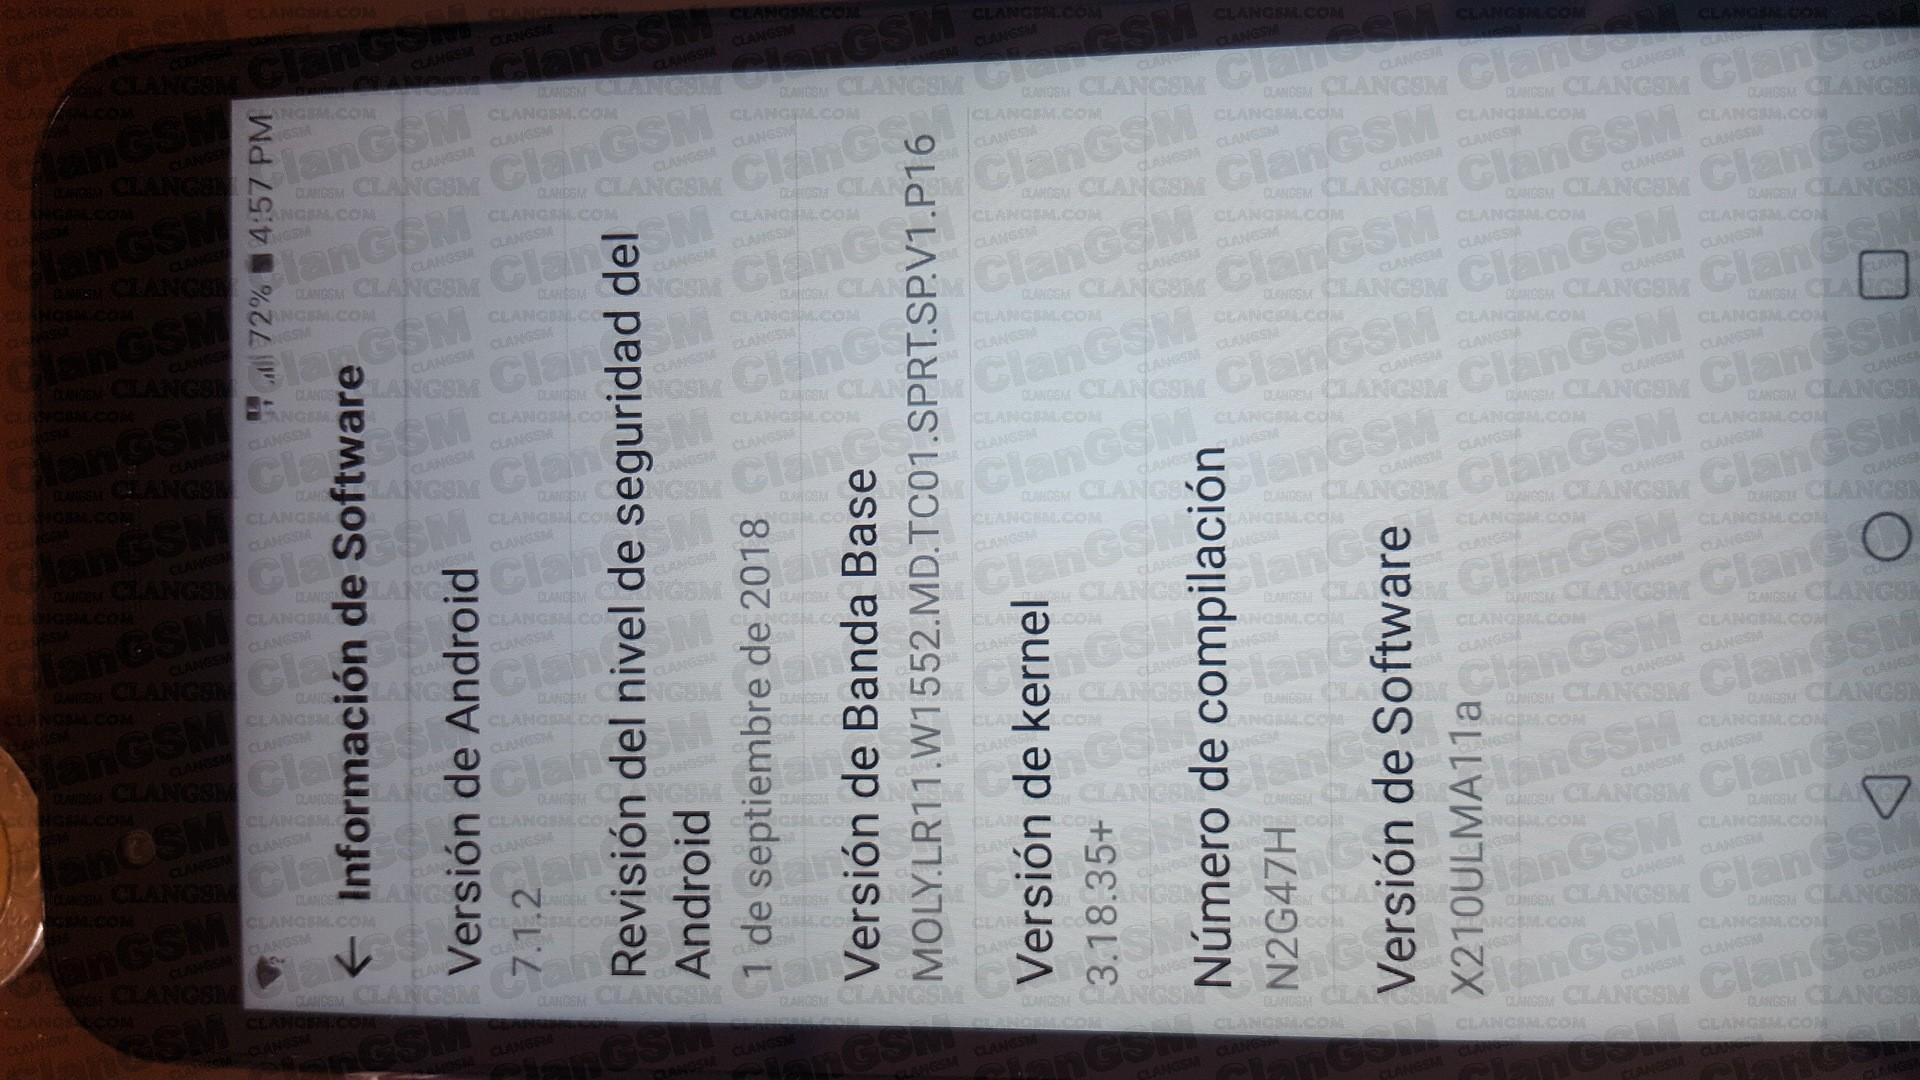 Calendario 2019 Para Imprimir En Chile Más Caliente Unlock Real Lg Sp200 Clan Gsm Uni³n De Los Expertos En Of Calendario 2019 Para Imprimir En Chile Actual Calendario Marzo 2019 Modelo Best Reviews 2019 Newletterjdi